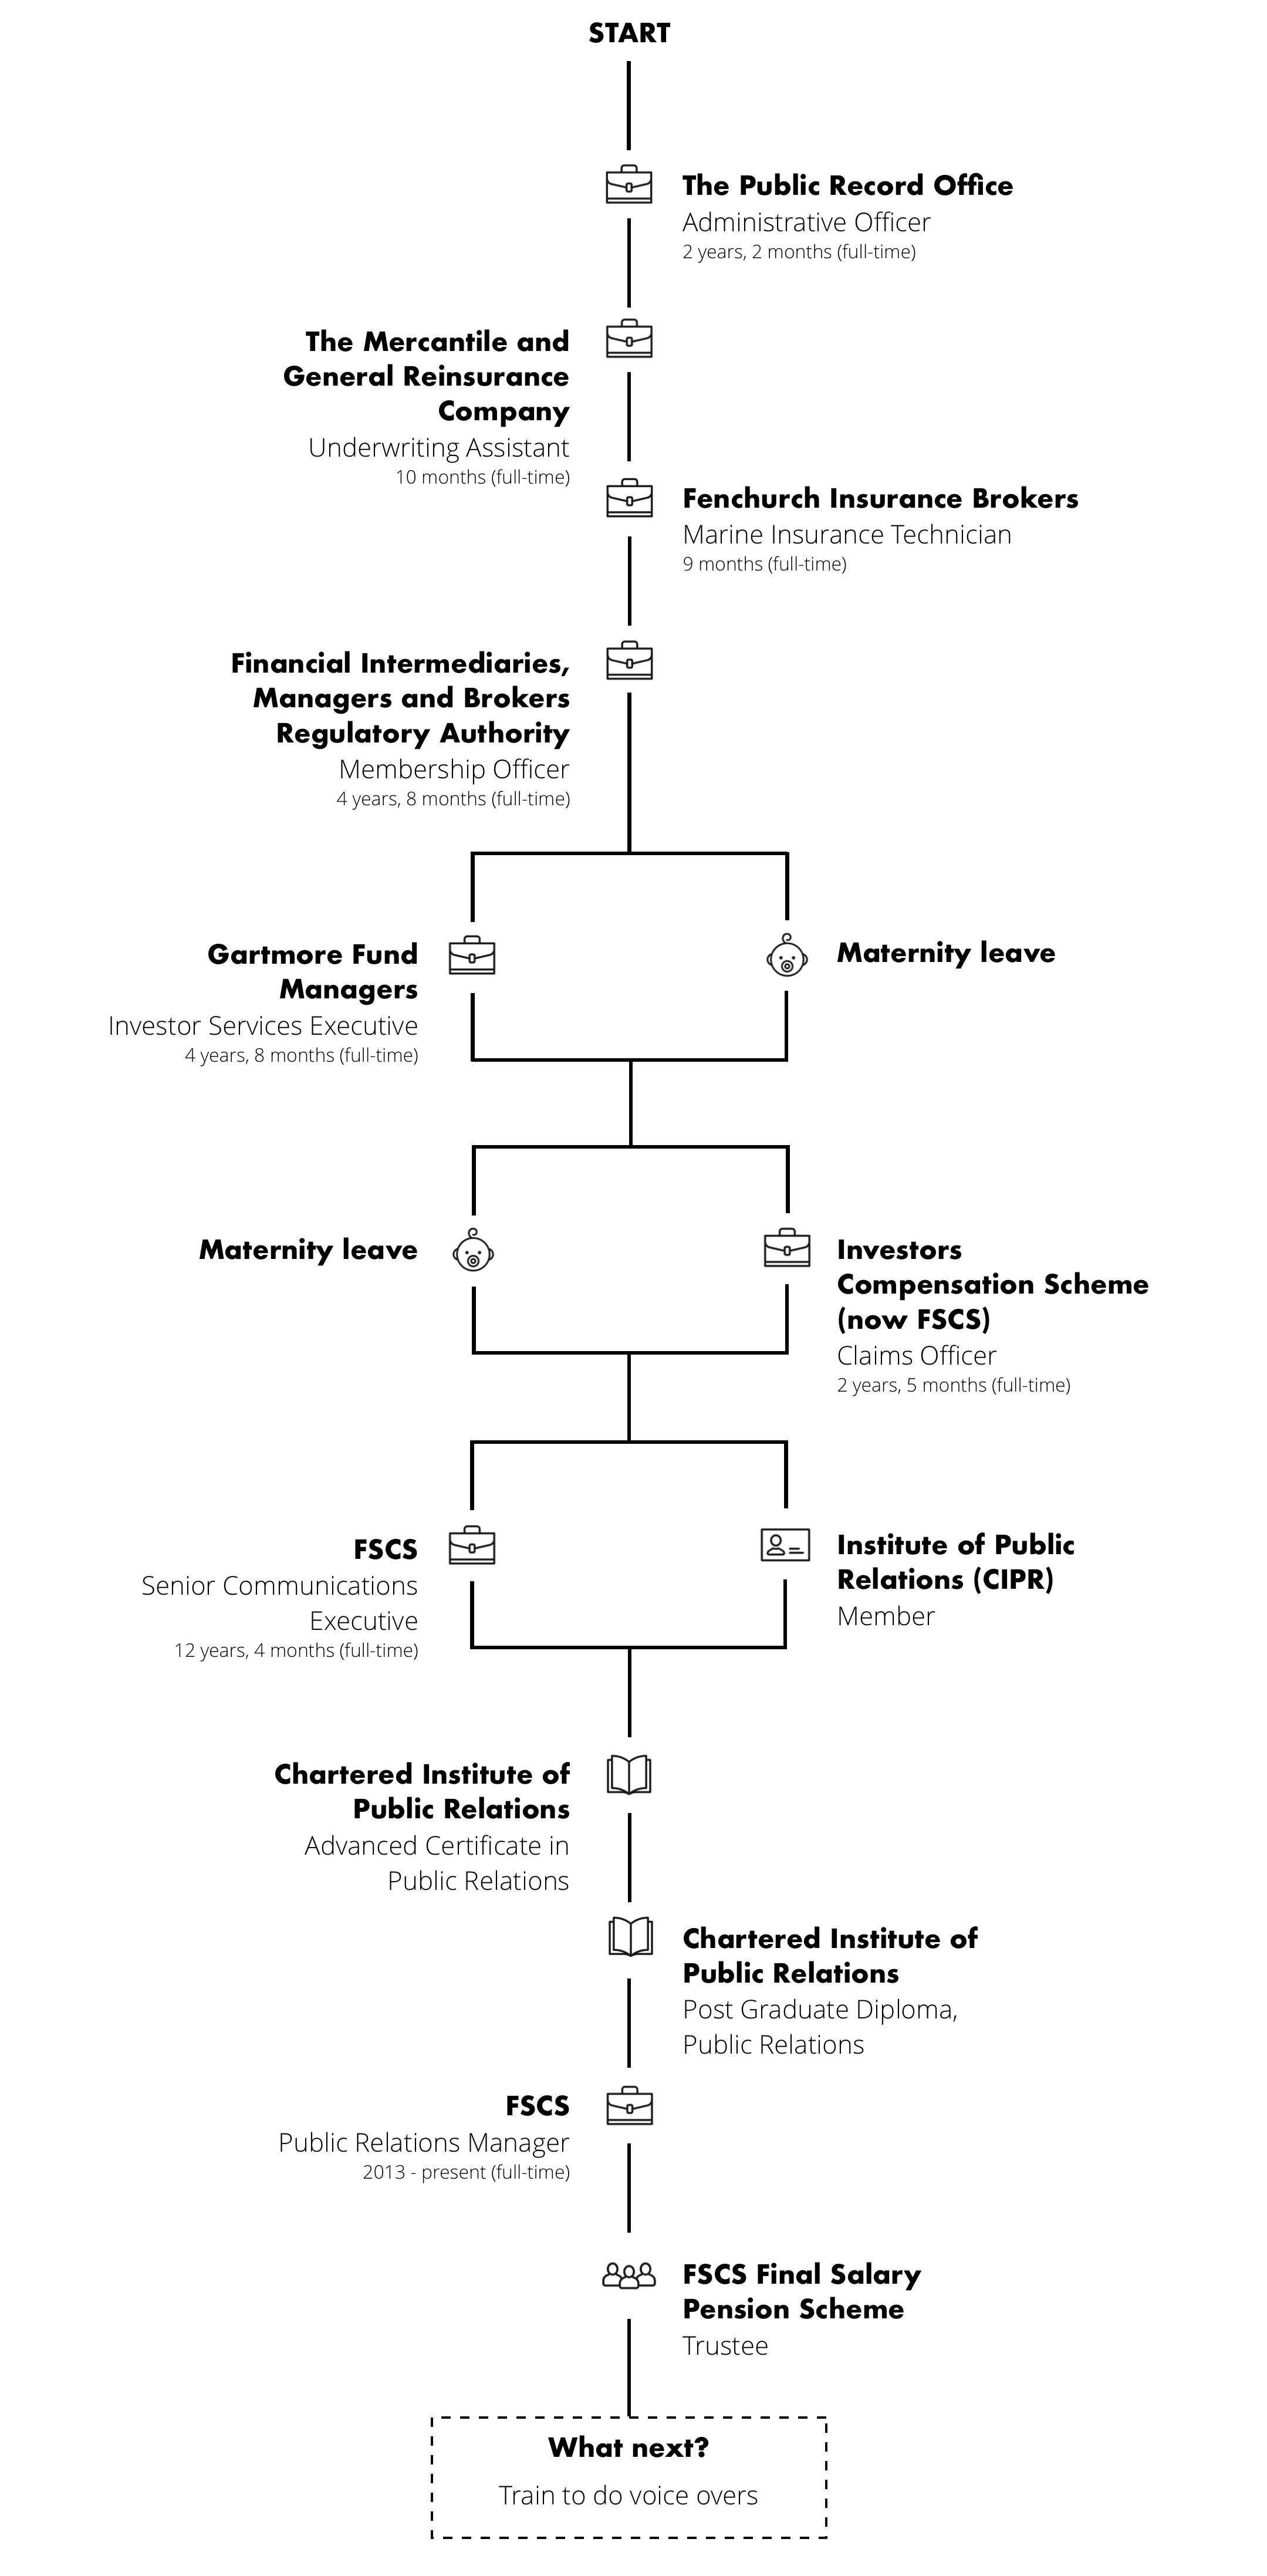 FSCS-renegade-generation-career-journey-map-suzette-browne.png